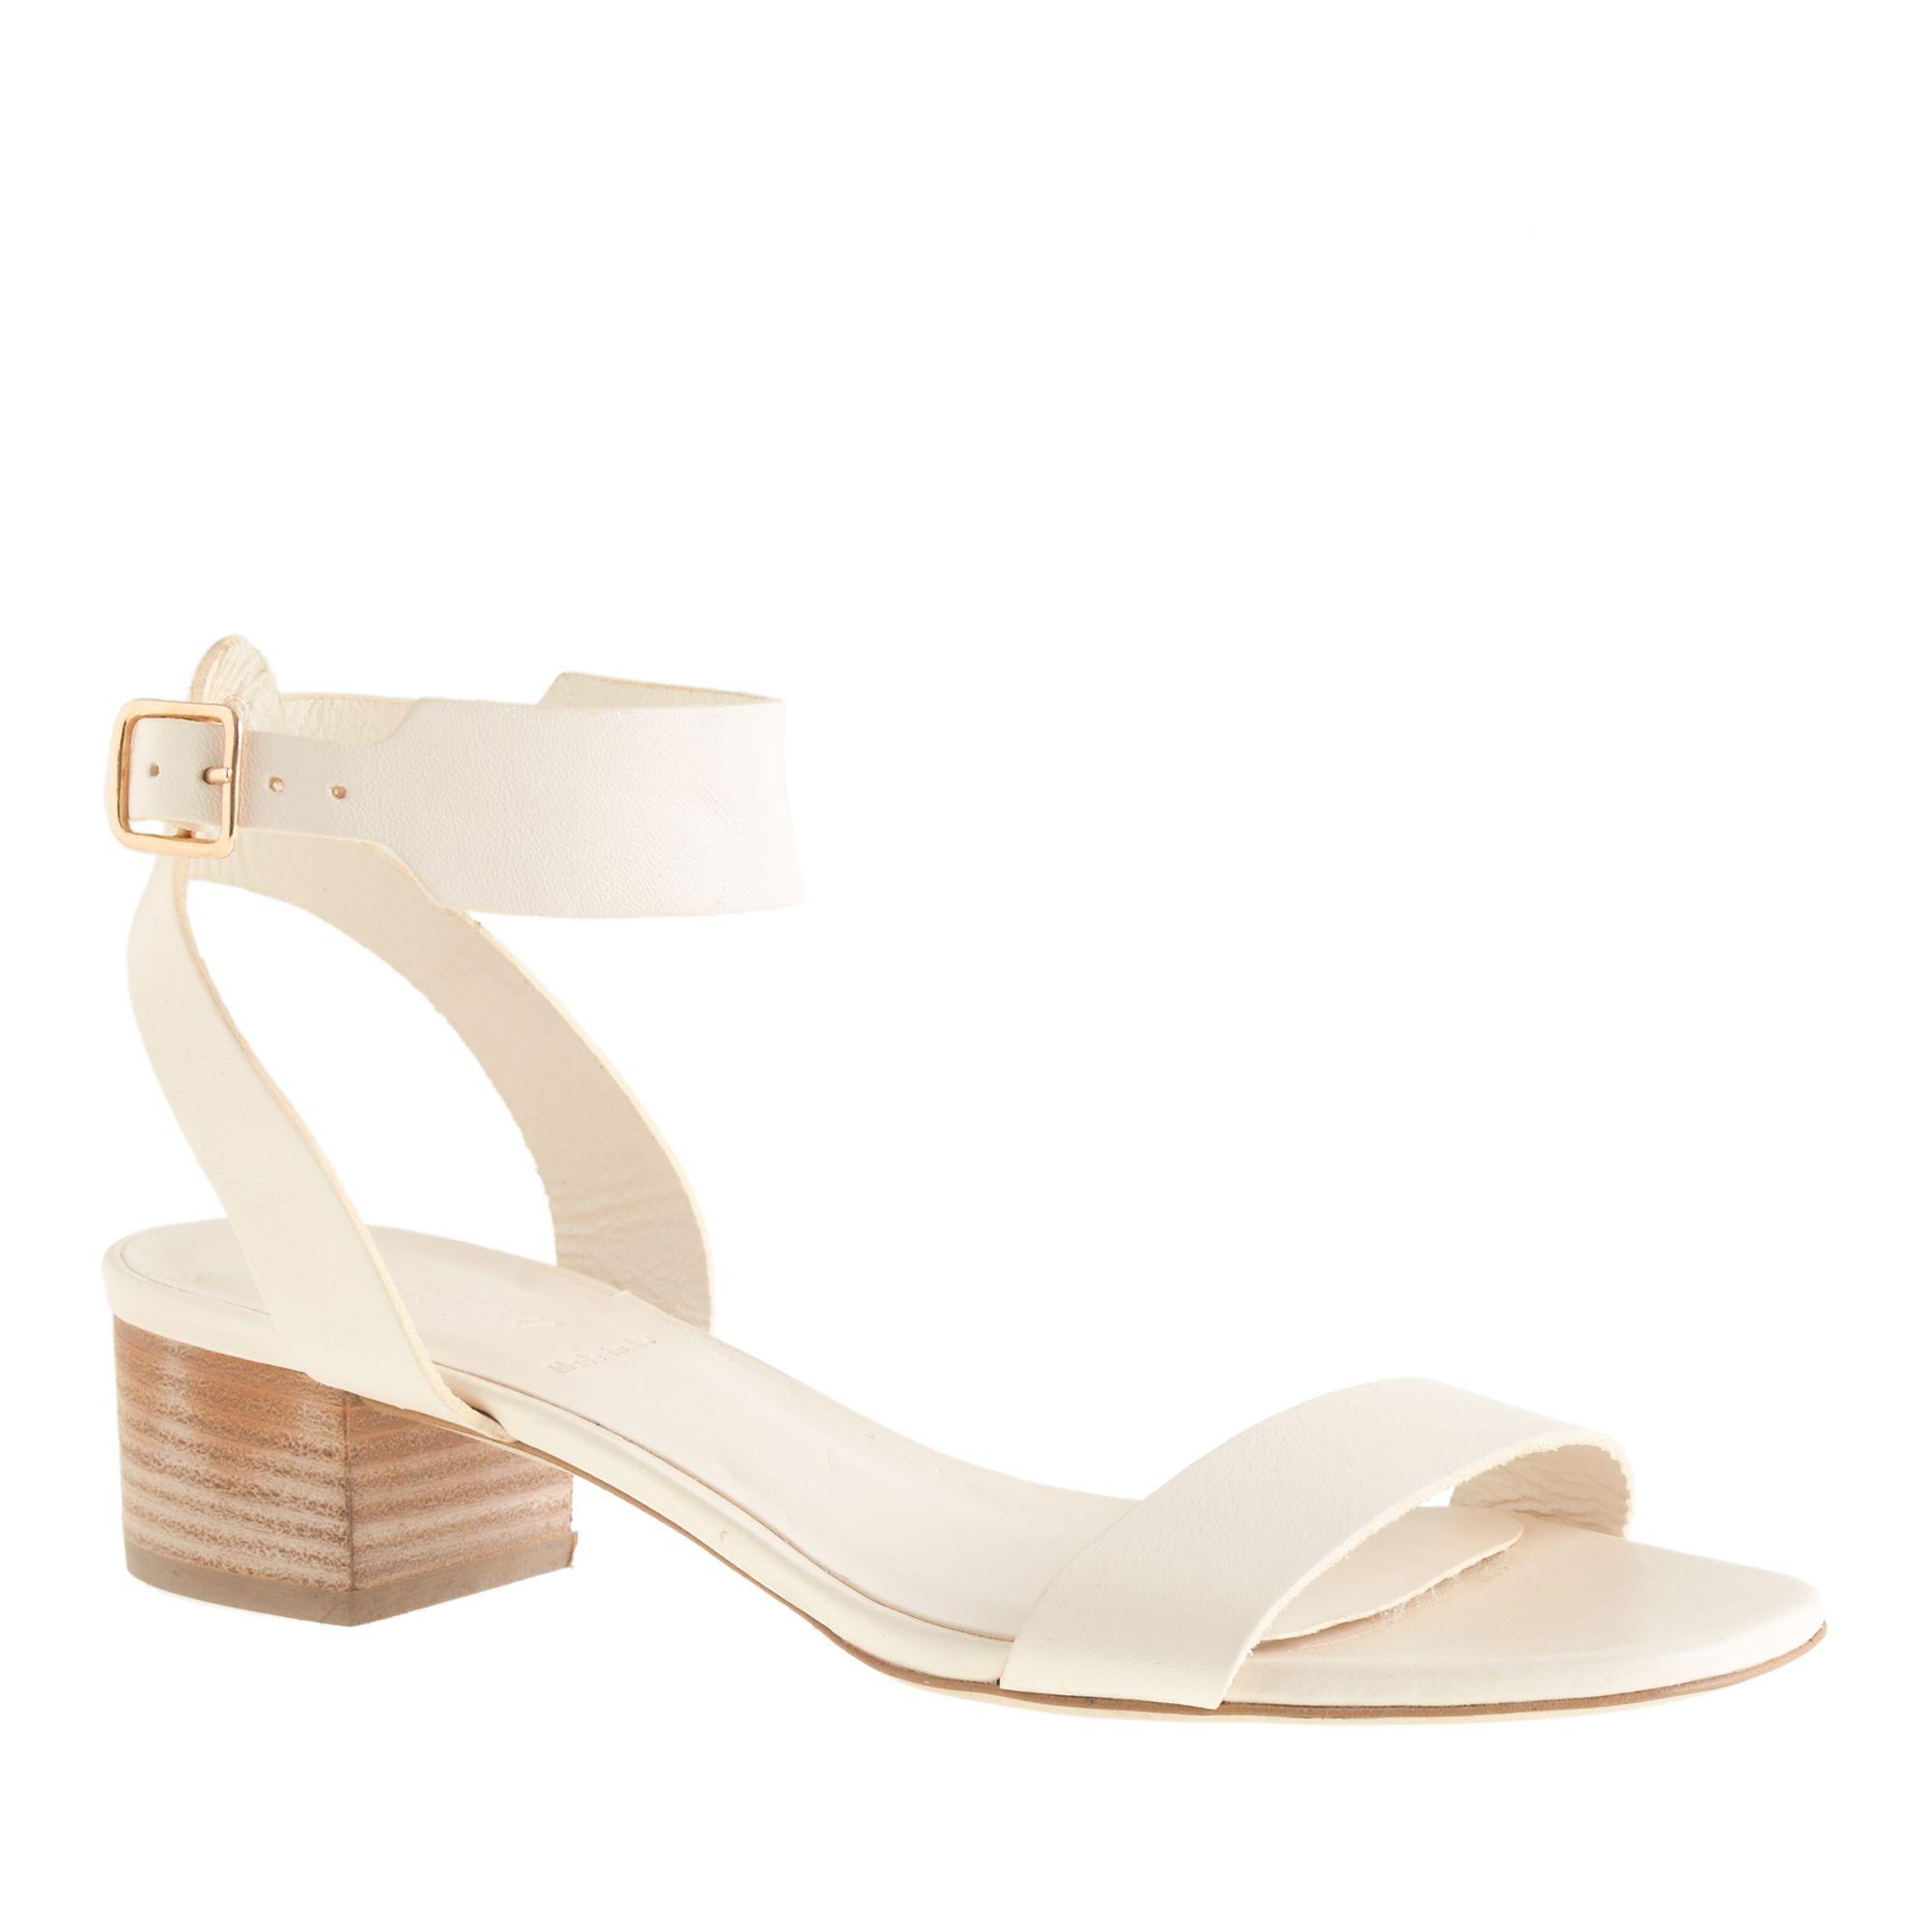 Cream Kitten Heel Sandals